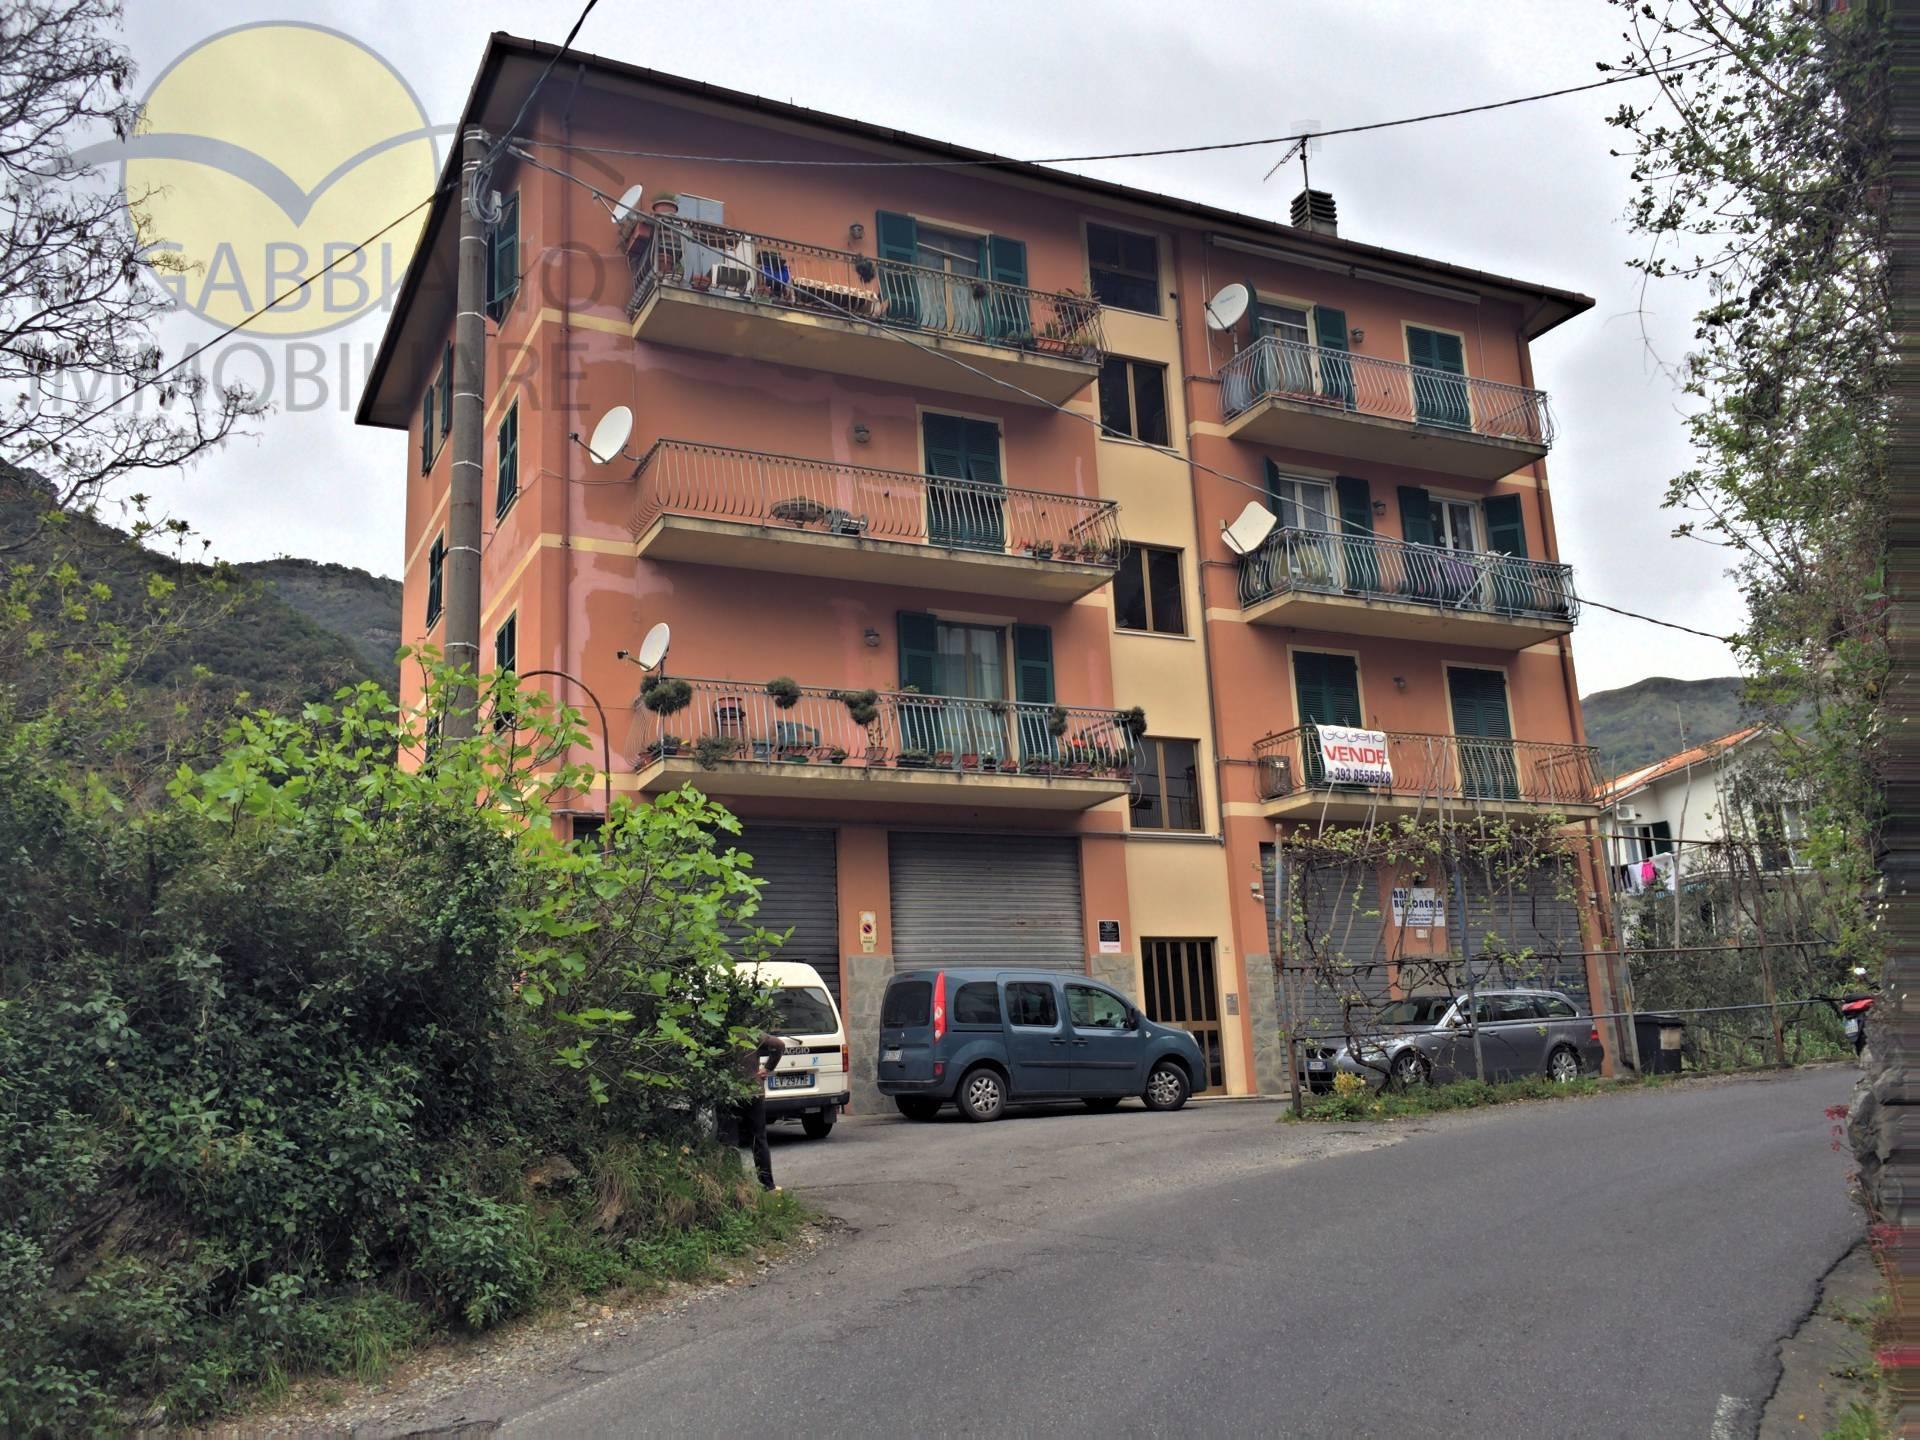 Magazzino in affitto a Recco, 9999 locali, prezzo € 495 | CambioCasa.it